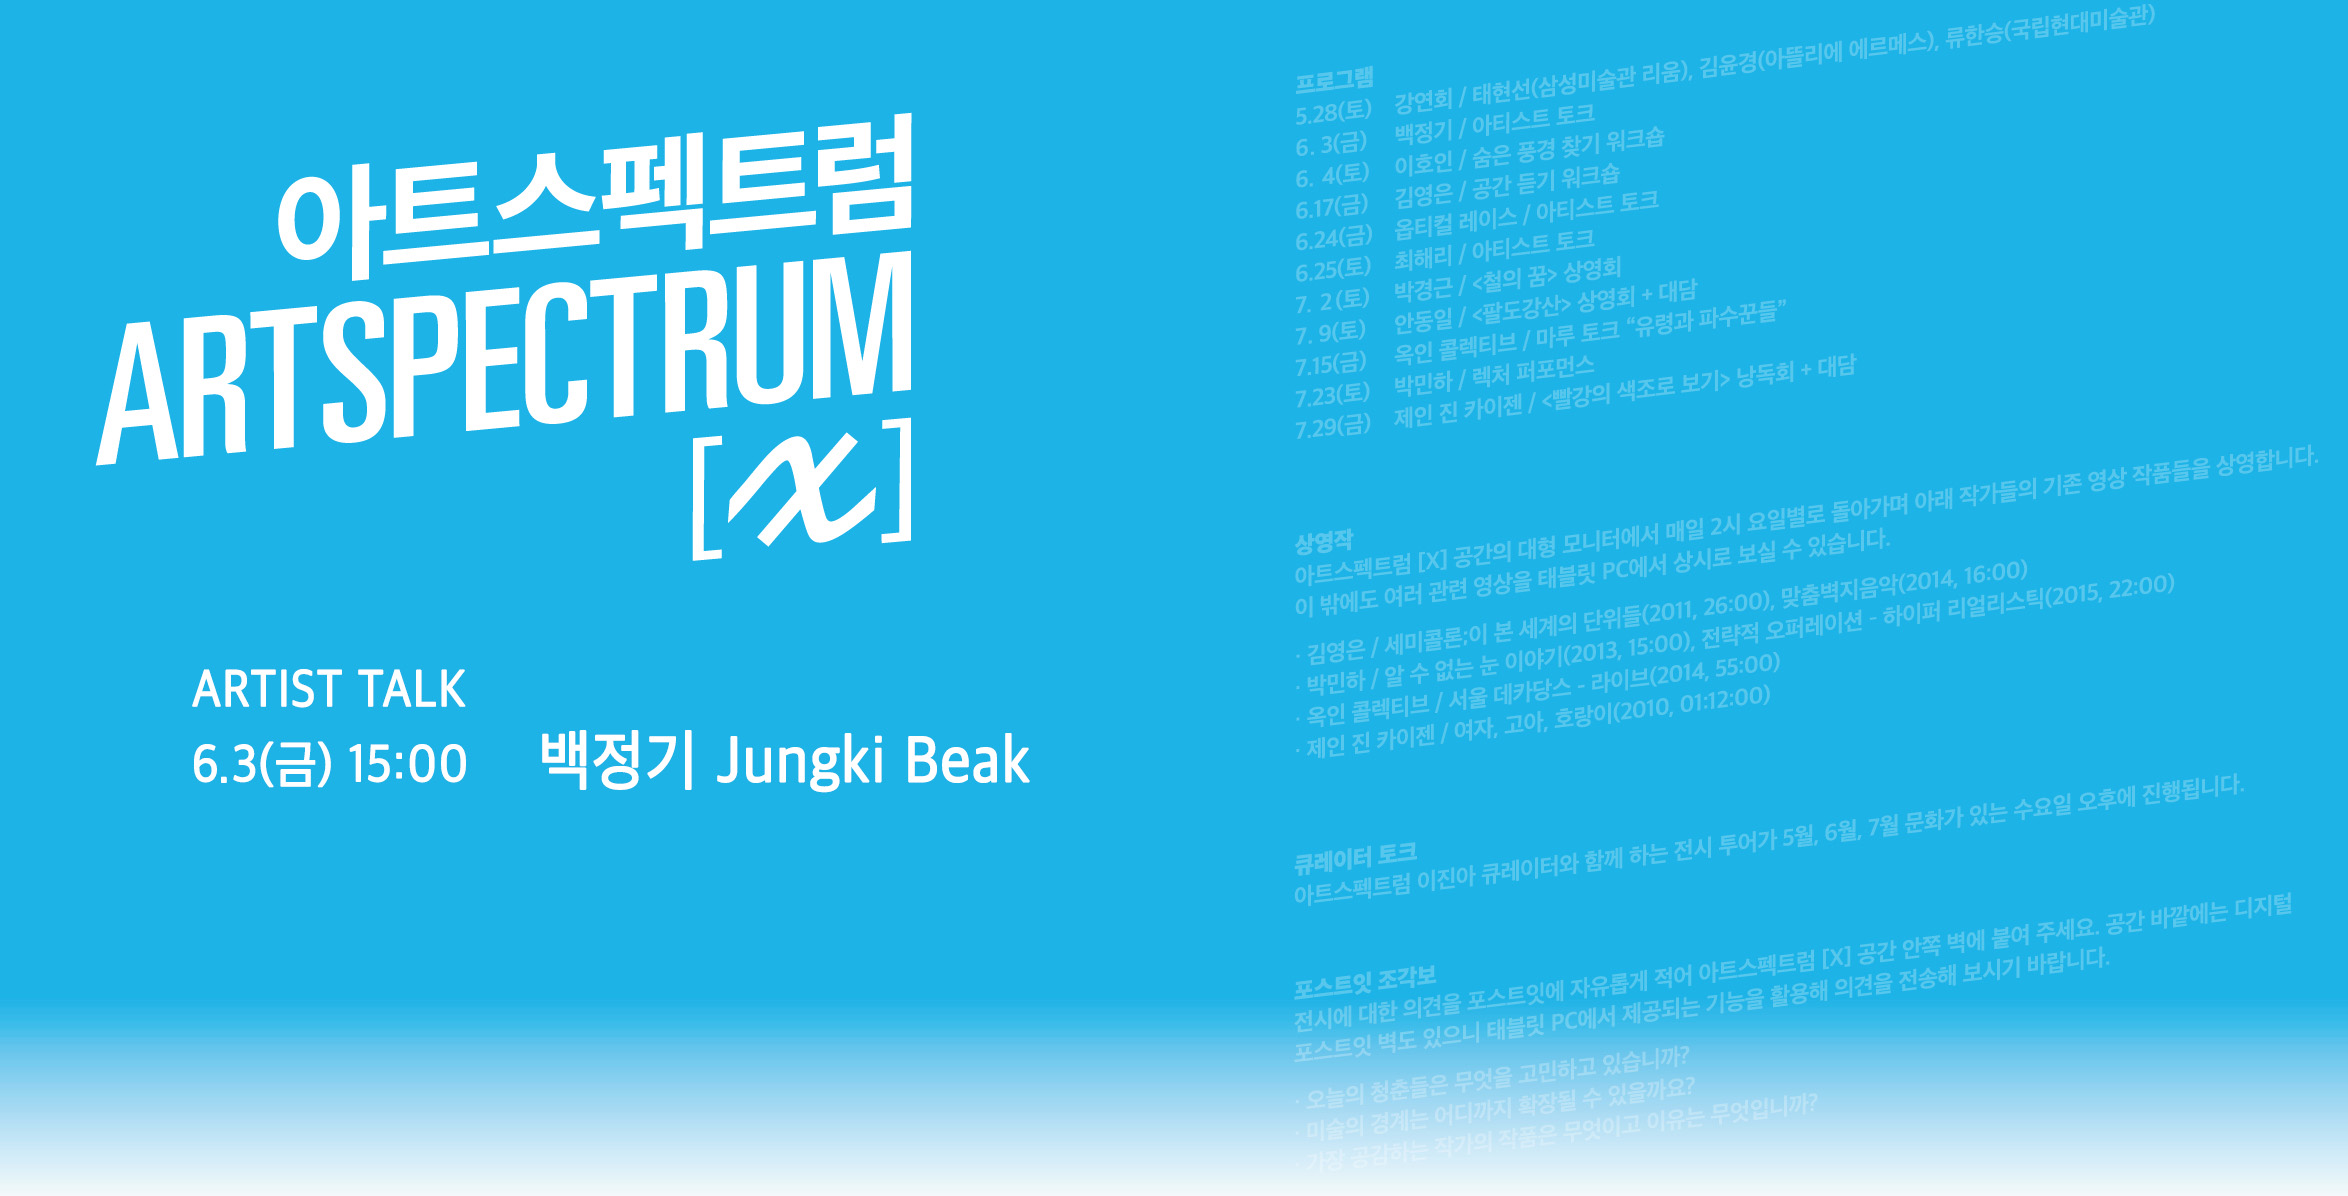 아트스펙트럼 [X] 아티스트 토크 - 백정기 6.3(금) 15:00